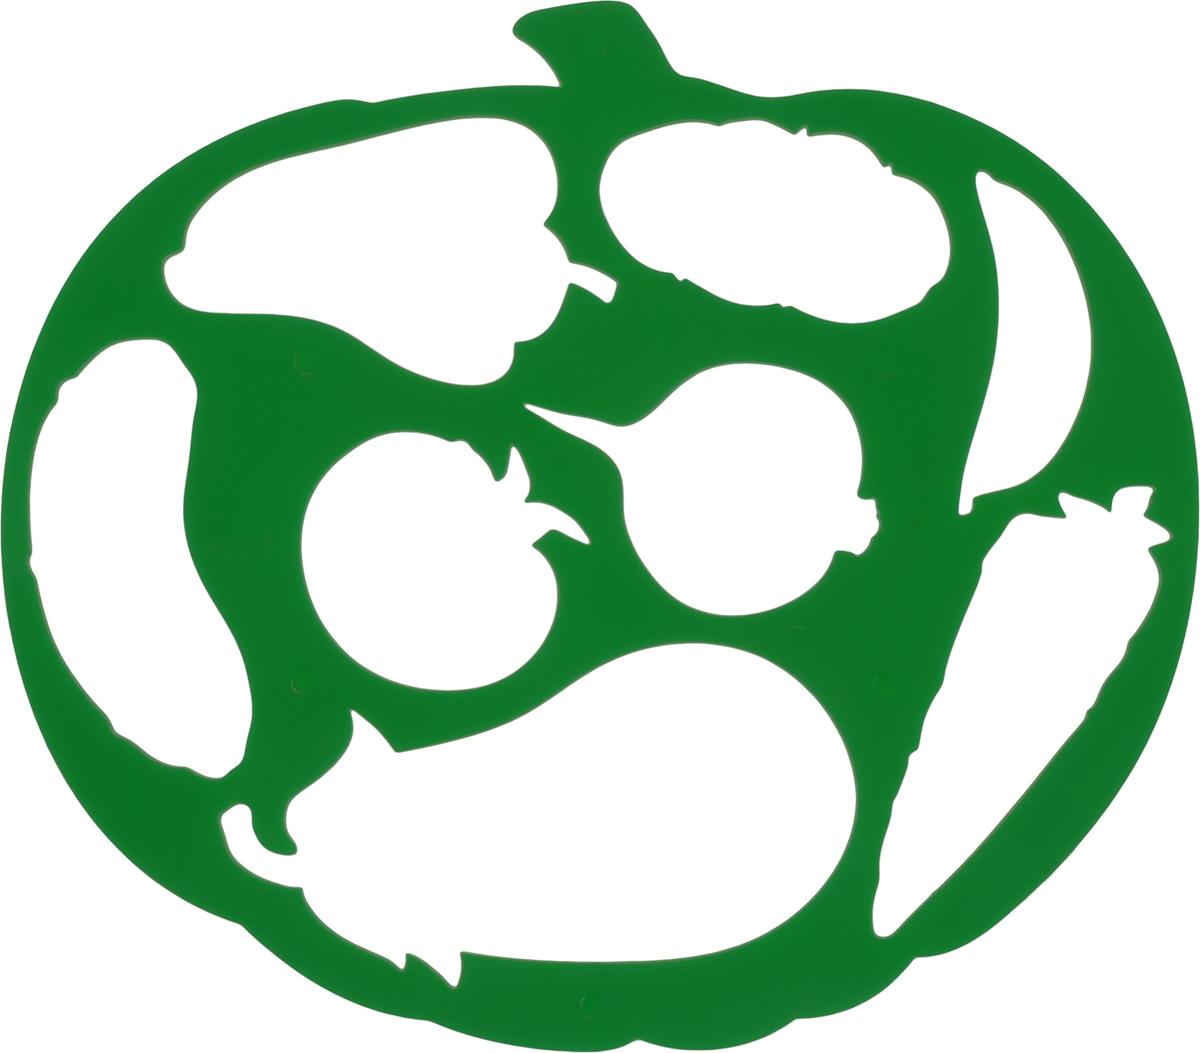 Трафарет фигурный Луч Тыква и овощи, цвет: зеленый17С 1149-08_зеленыйТрафарет фигурный Луч Тыква и овощи, выполненный из высококачественного пластика, предназначен для детского творчества. С помощью такого трафарета ребенок может нарисовать большую тыкву и создать свою интересную композицию из овощей: огурца, перца, помидора, баклажана, моркови, гороха, картофеля и репы. Изделие применяется для создания композиций и аппликаций, а также для рисования красками. Трафареты предназначены для развития у детей мелкой моторики и зрительно- двигательной координации, навыков художественного и зрительного восприятия.